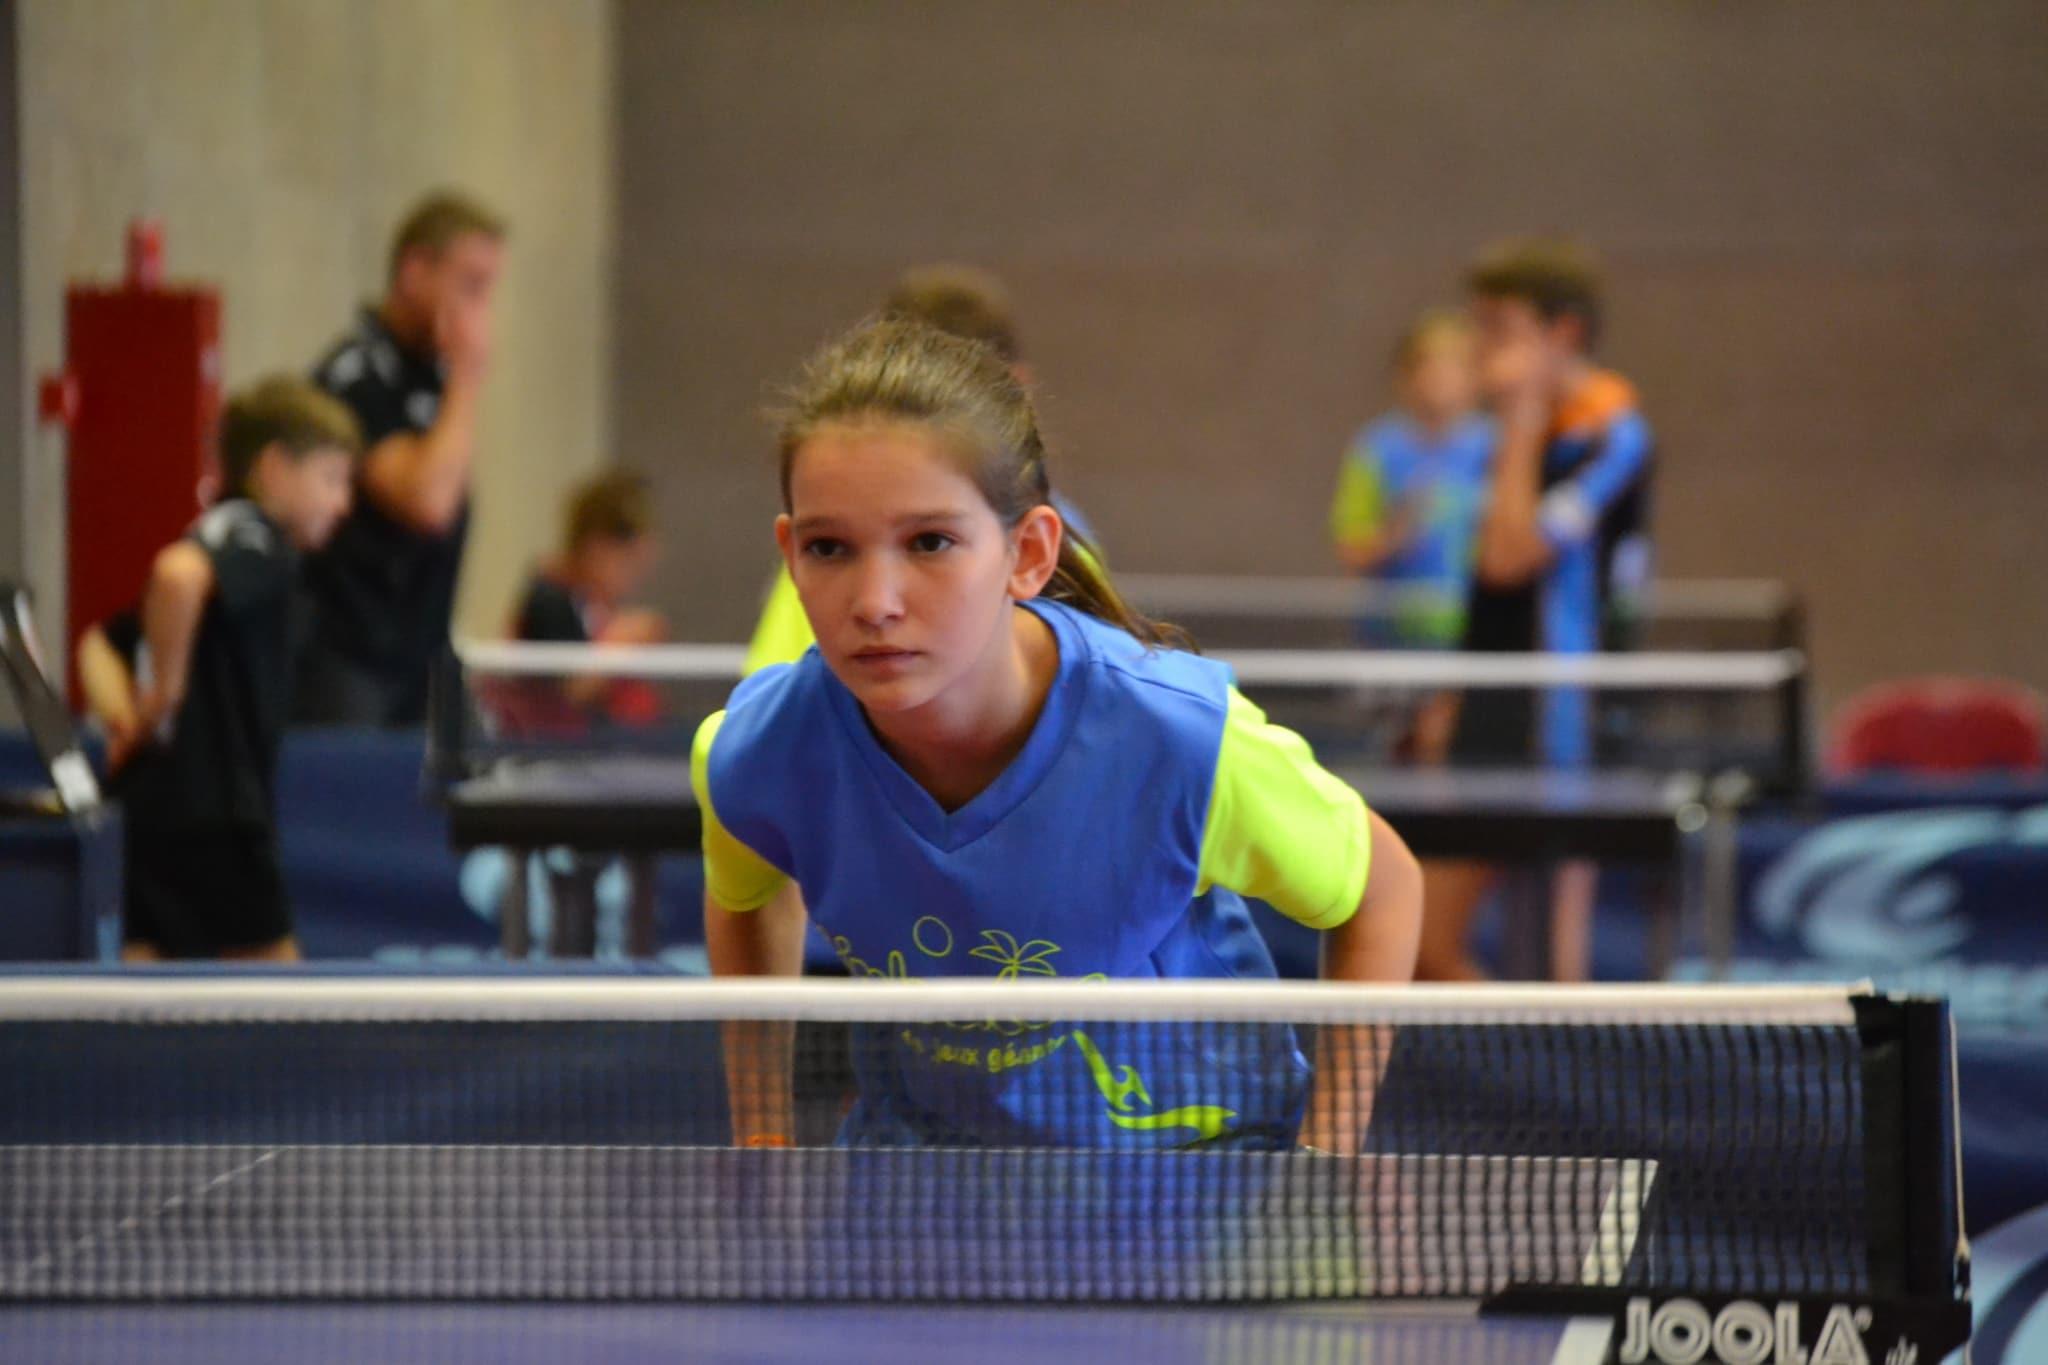 Classement au 1 04 2014 ch lons en champagne tennis de table - Classement individuel tennis de table ...